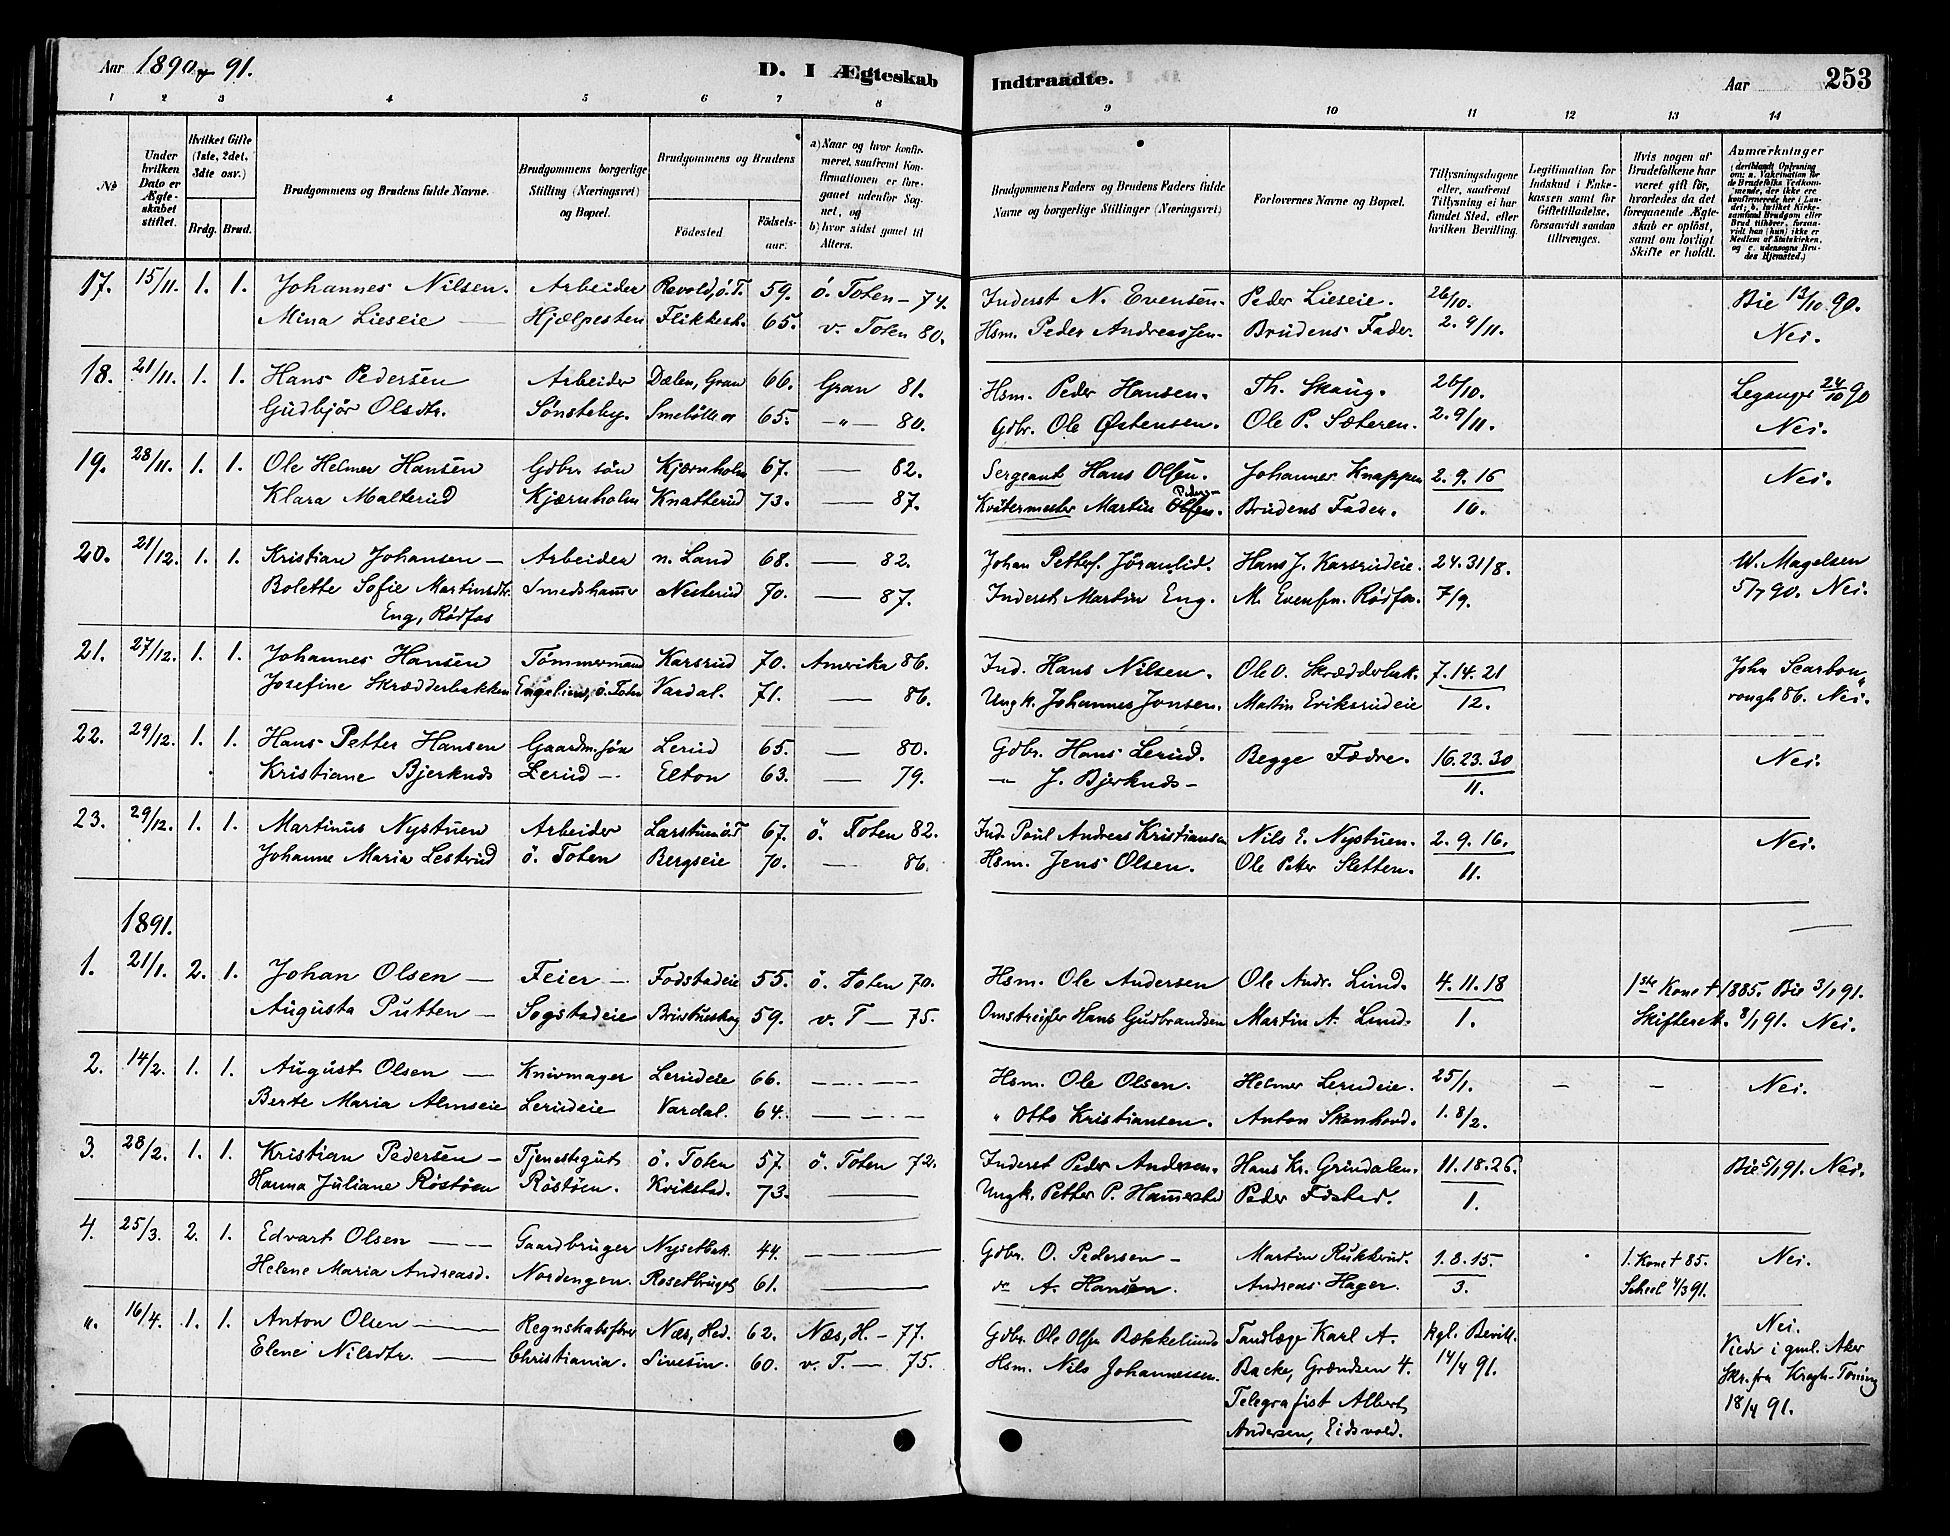 SAH, Vestre Toten prestekontor, Ministerialbok nr. 9, 1878-1894, s. 253